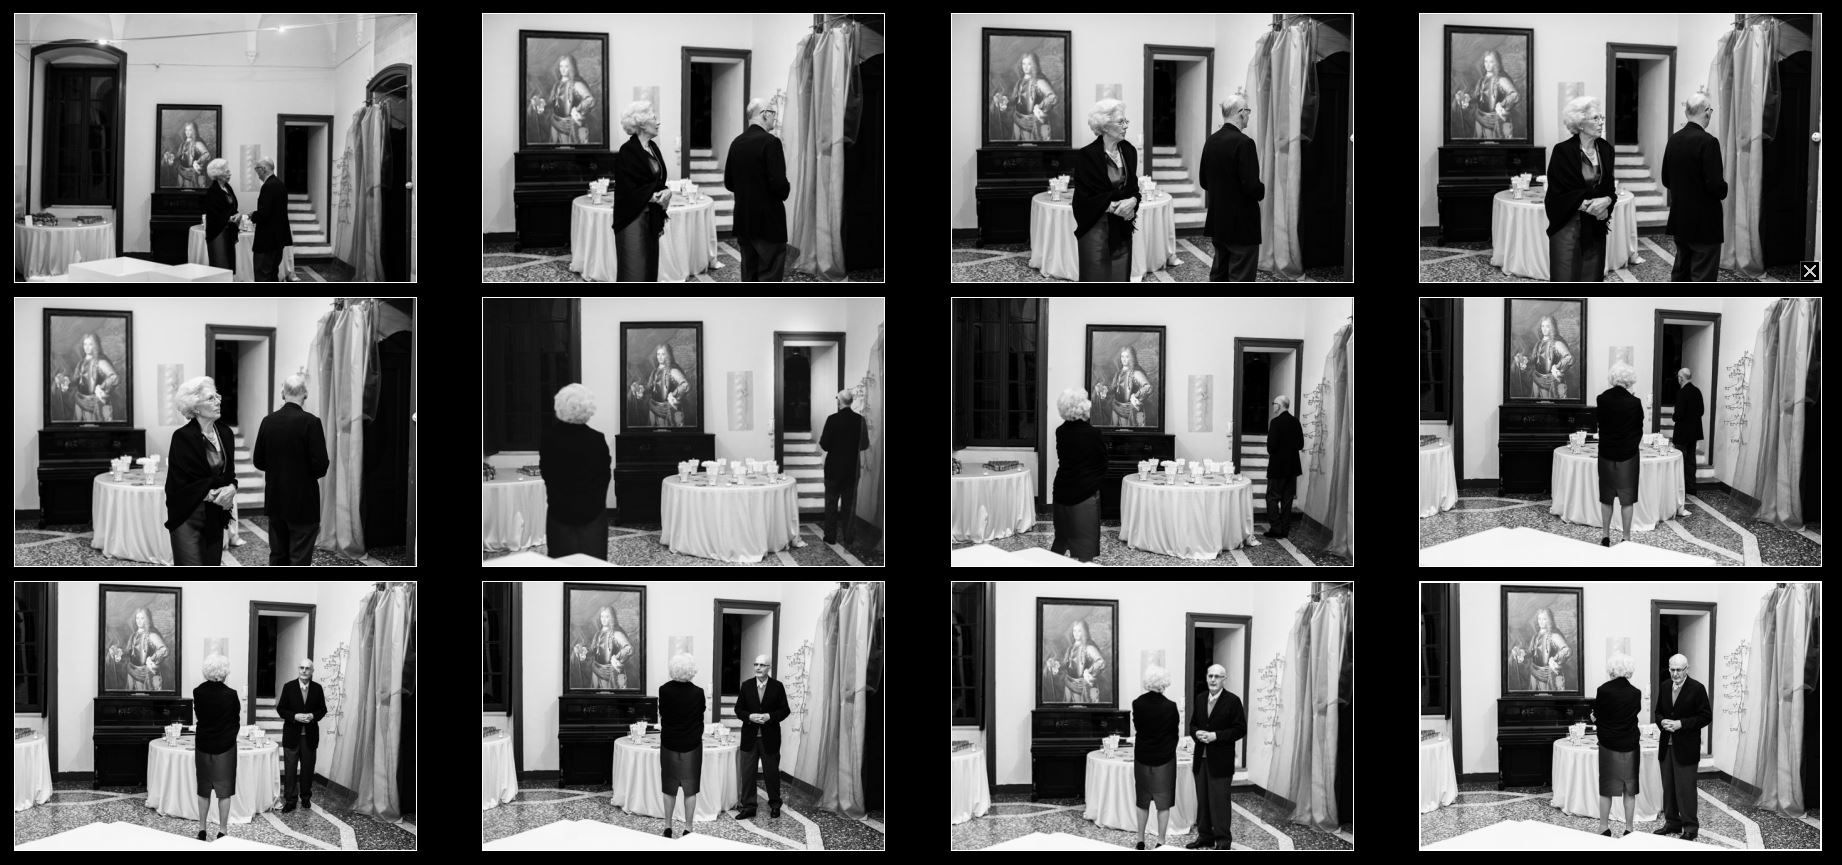 Riflessioni e consigli sulla scelta delle fotografie album di matrimonio. Max Allegritti, Fotografo Professionista di matrimonio a Milano e Monza Brianza